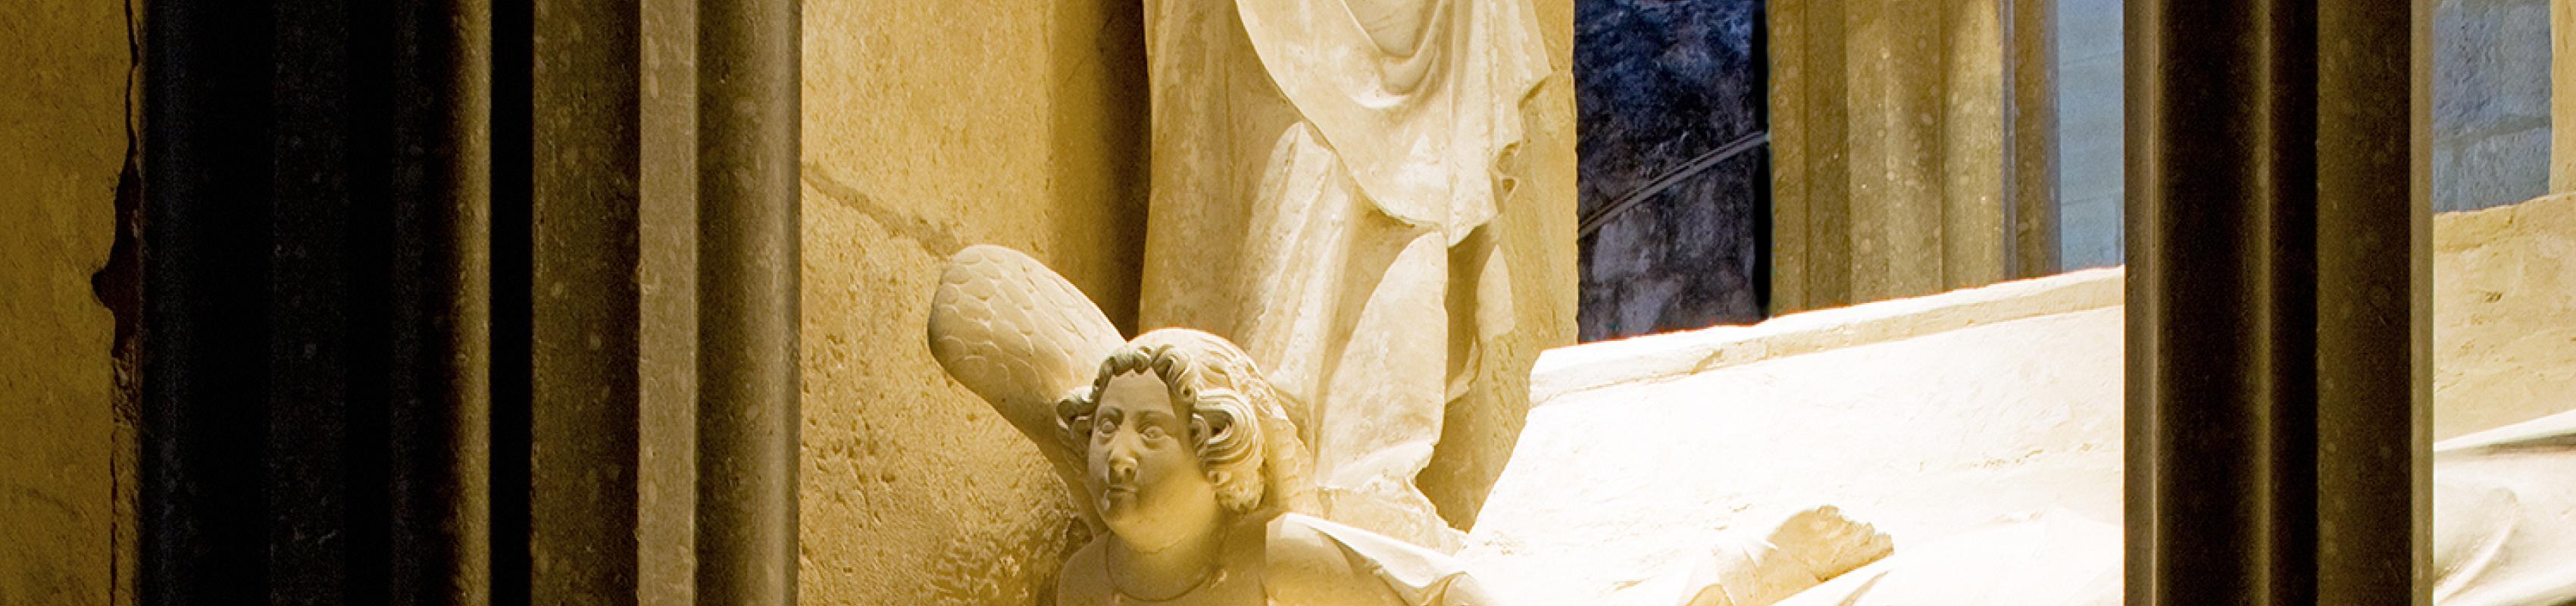 La tomba de Jaume II i Blanca d'Anjou, amb l'escultura jacent que representa la reina (Autor: Pepo Segura)